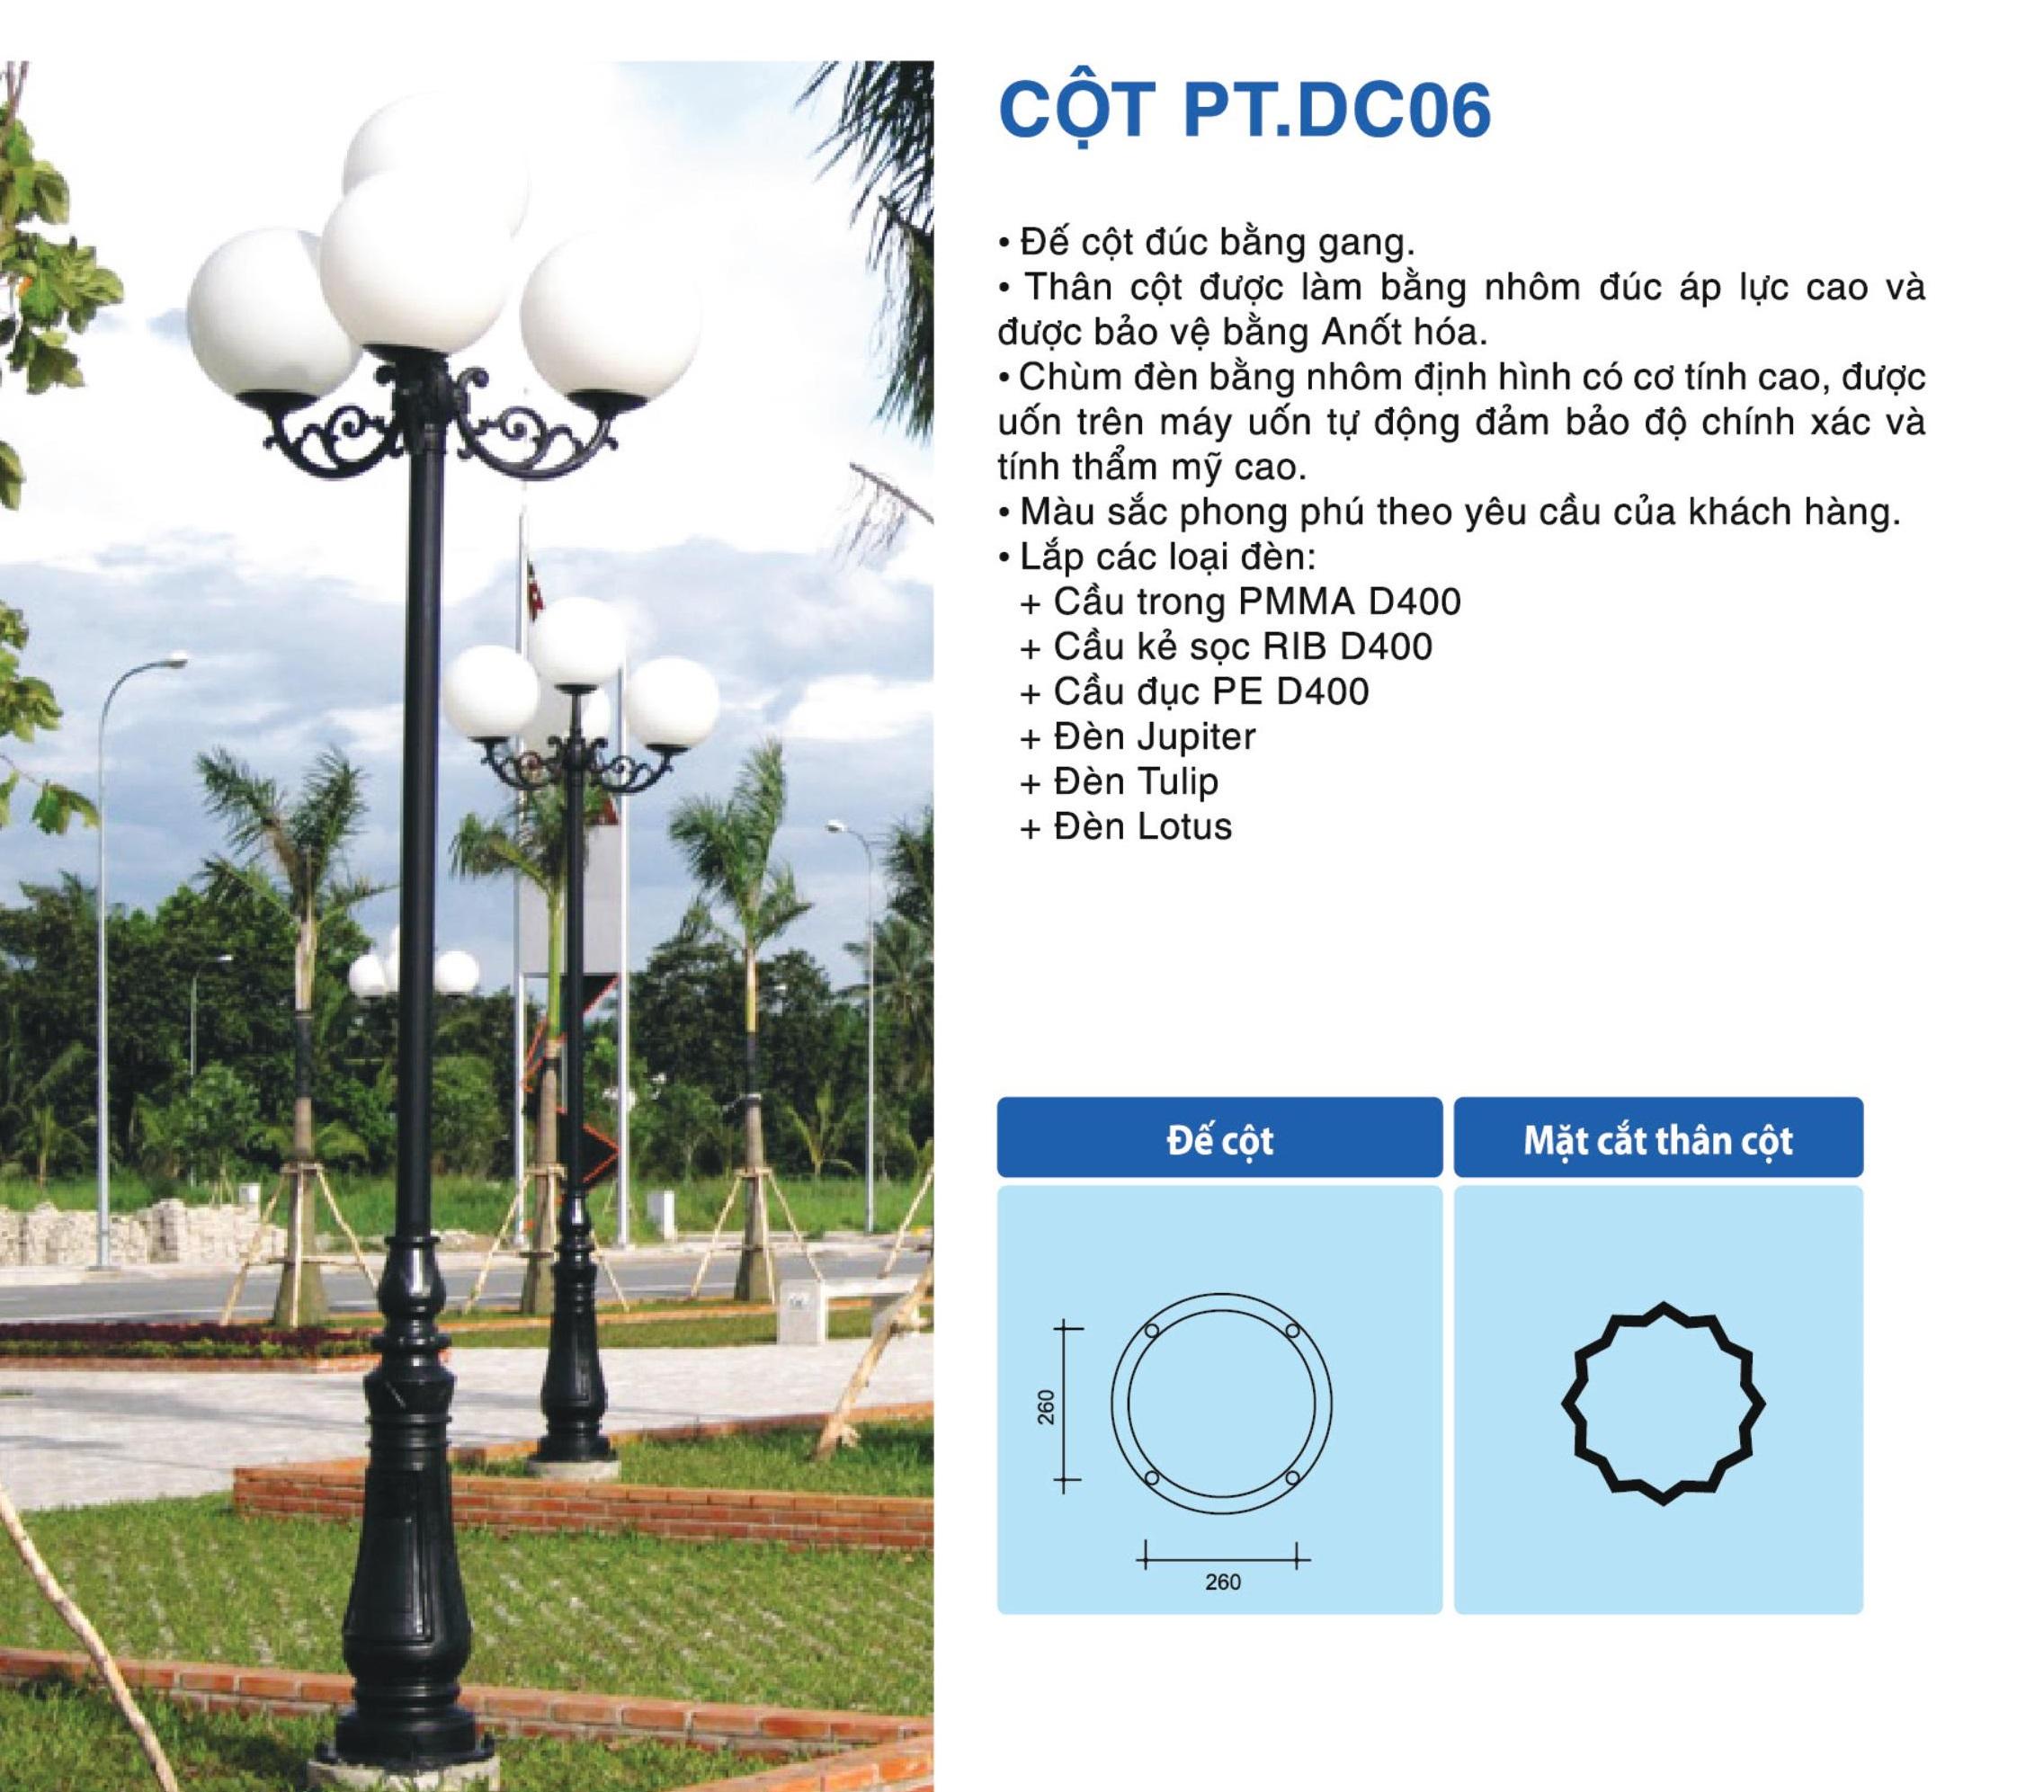 cot-pt-dc06